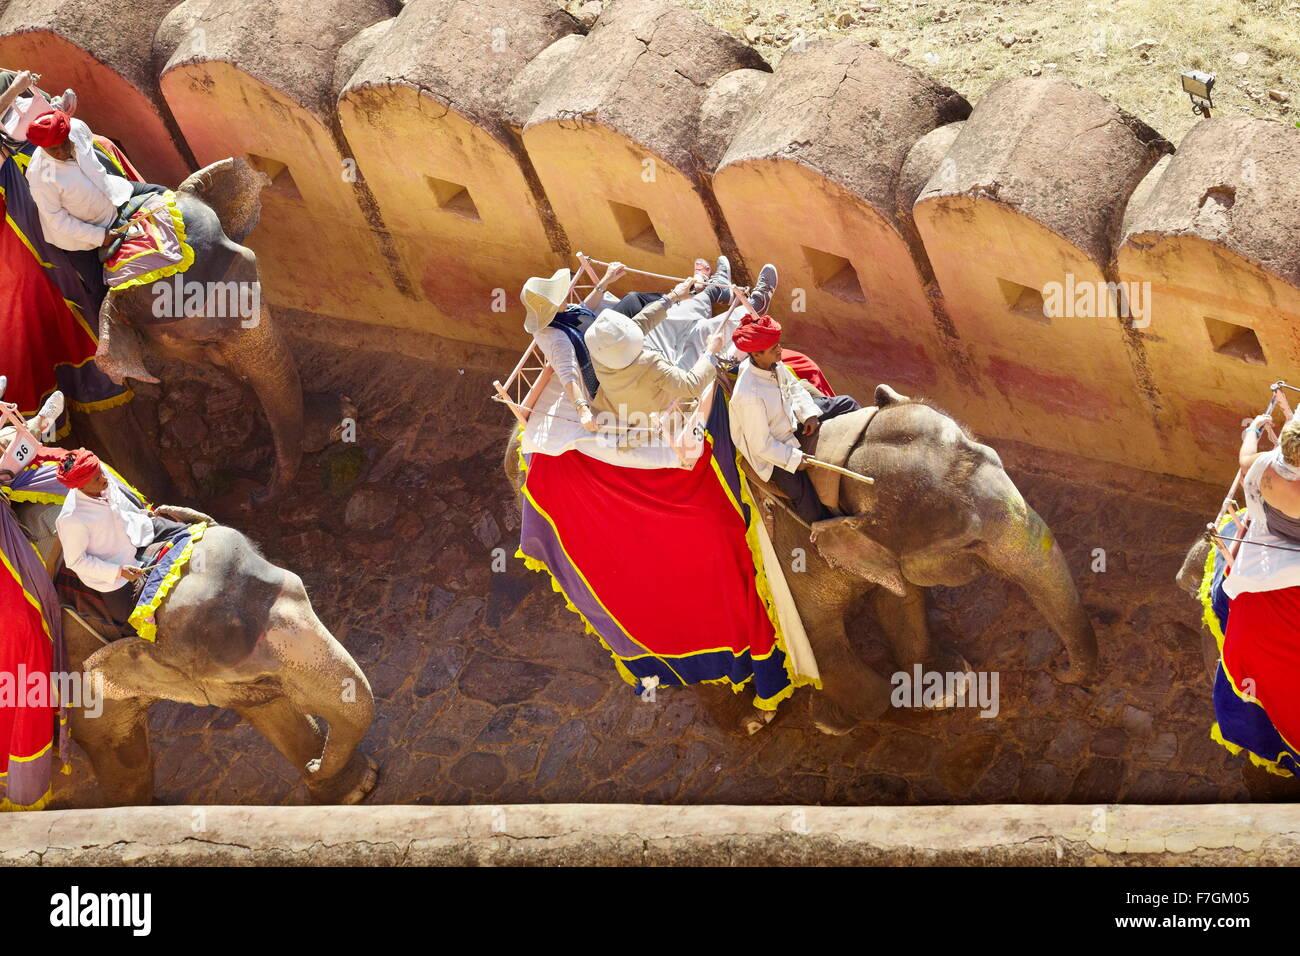 Elefante indio llevando turistas a la fortaleza de Amber, Amer 11km cerca de Jaipur, Rajasthan, India Imagen De Stock